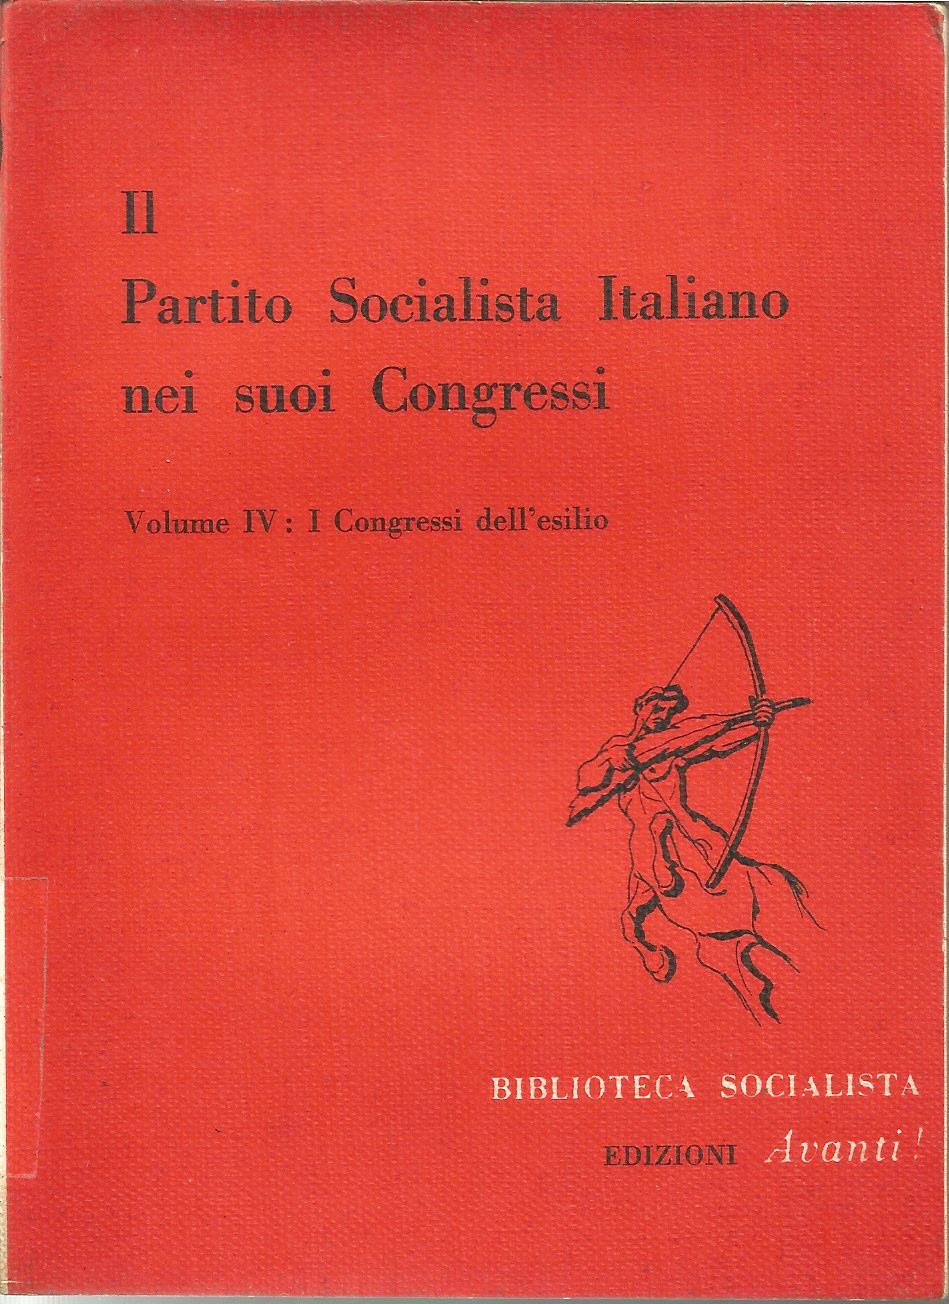 Il partito socialista italiano nei suoi congressi